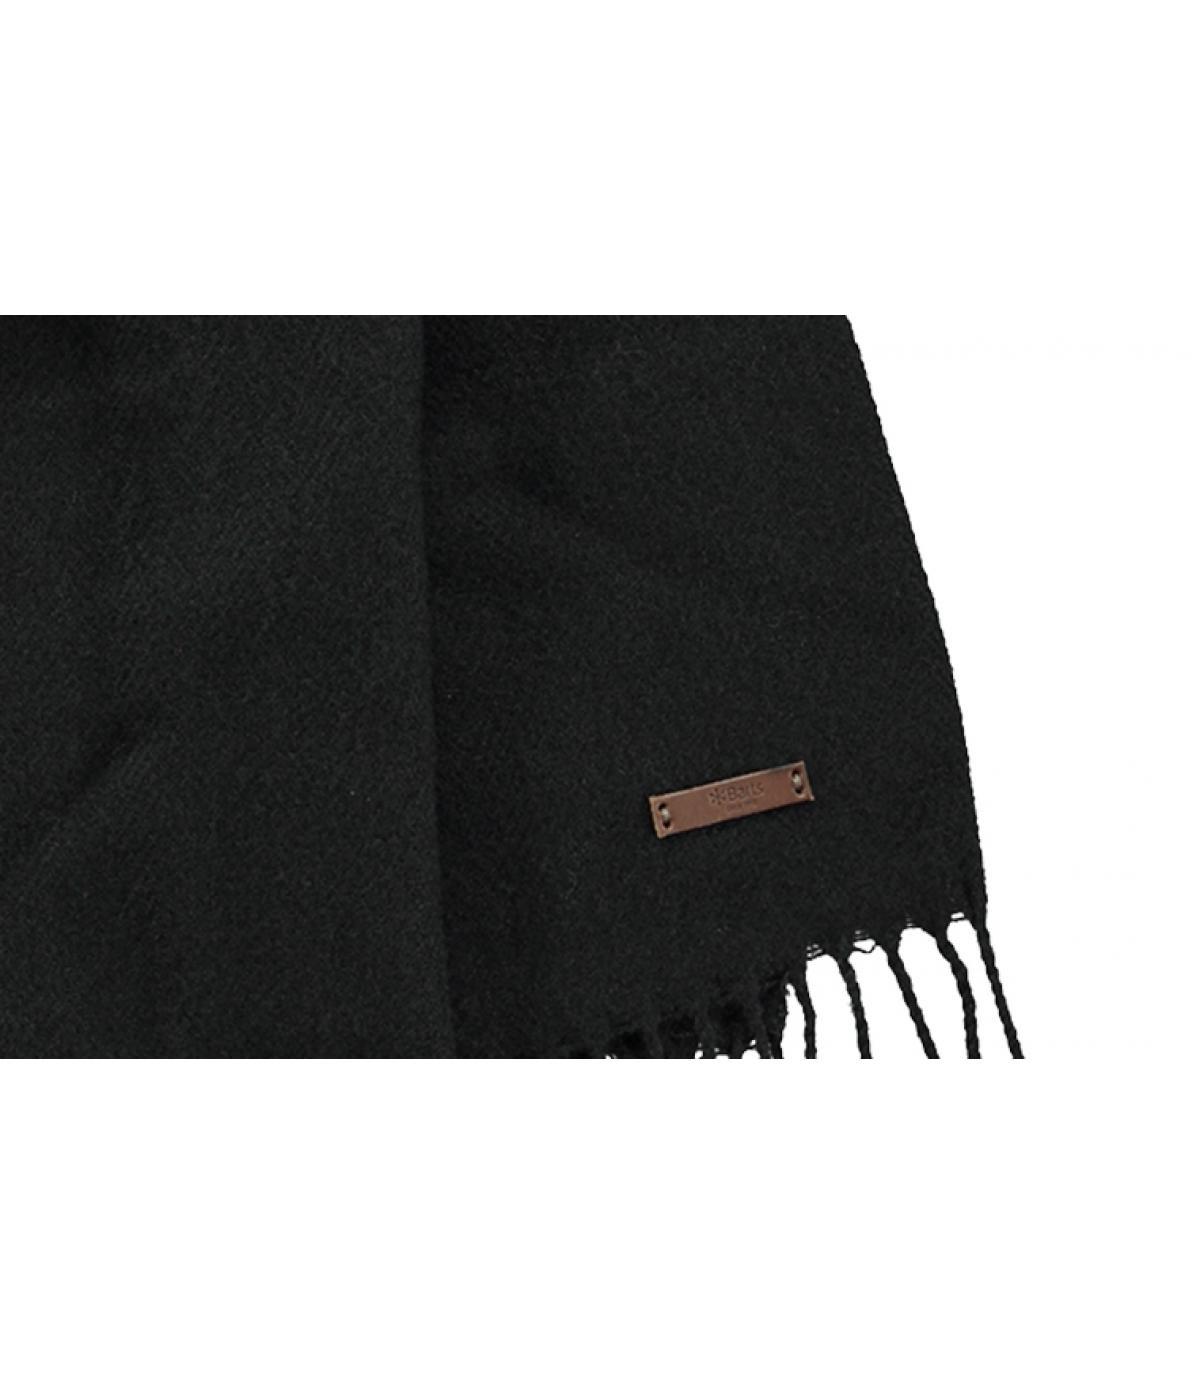 0e39ba2e5f7bc Echarpe homme noir - Soho scarf black Barts - image 1 ...